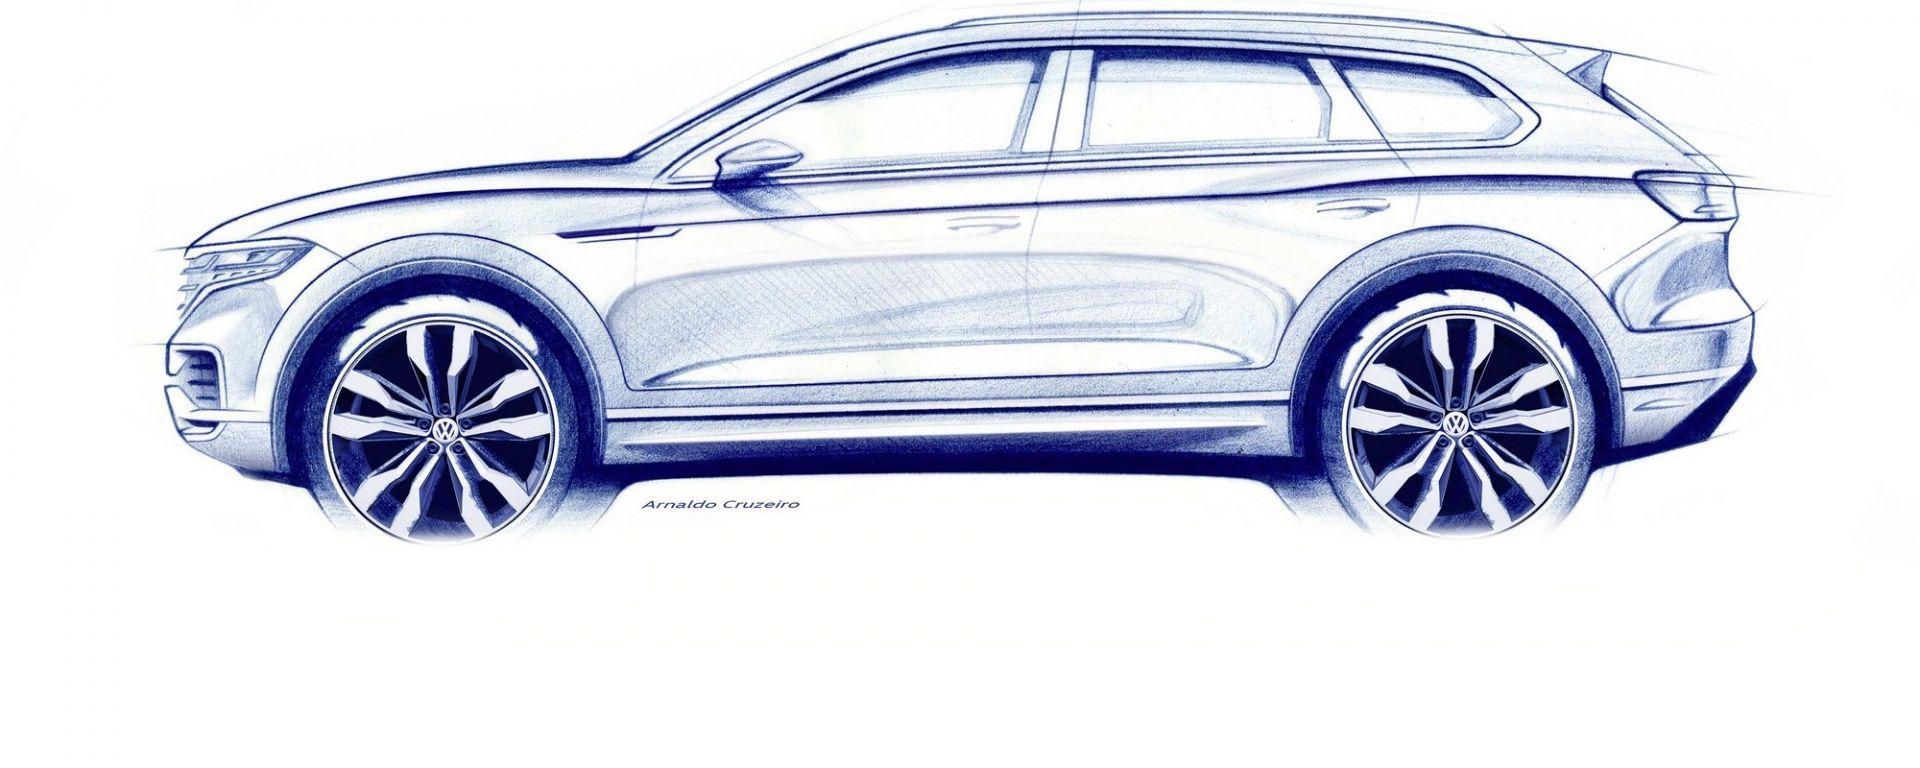 Nuova Volkswagen Touareg 2018, il teaser